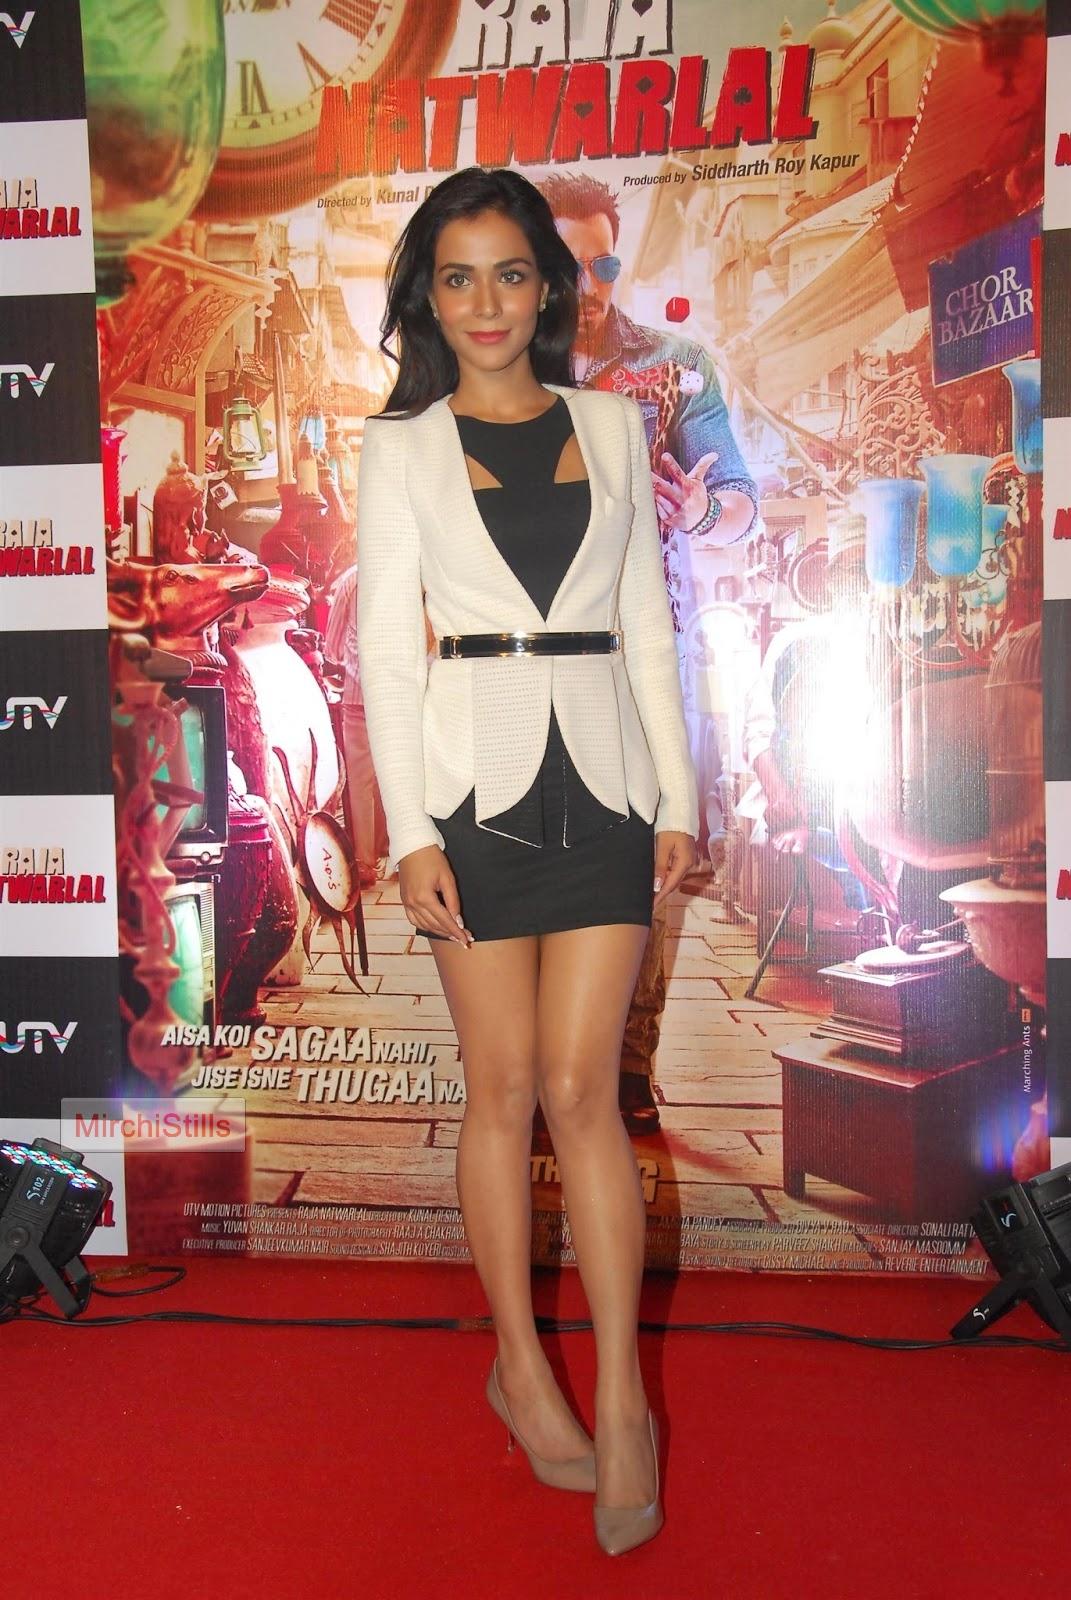 Humaima Malik Sexy Pics Good mirchi stills: pakistani actress humaima malick showcasing her